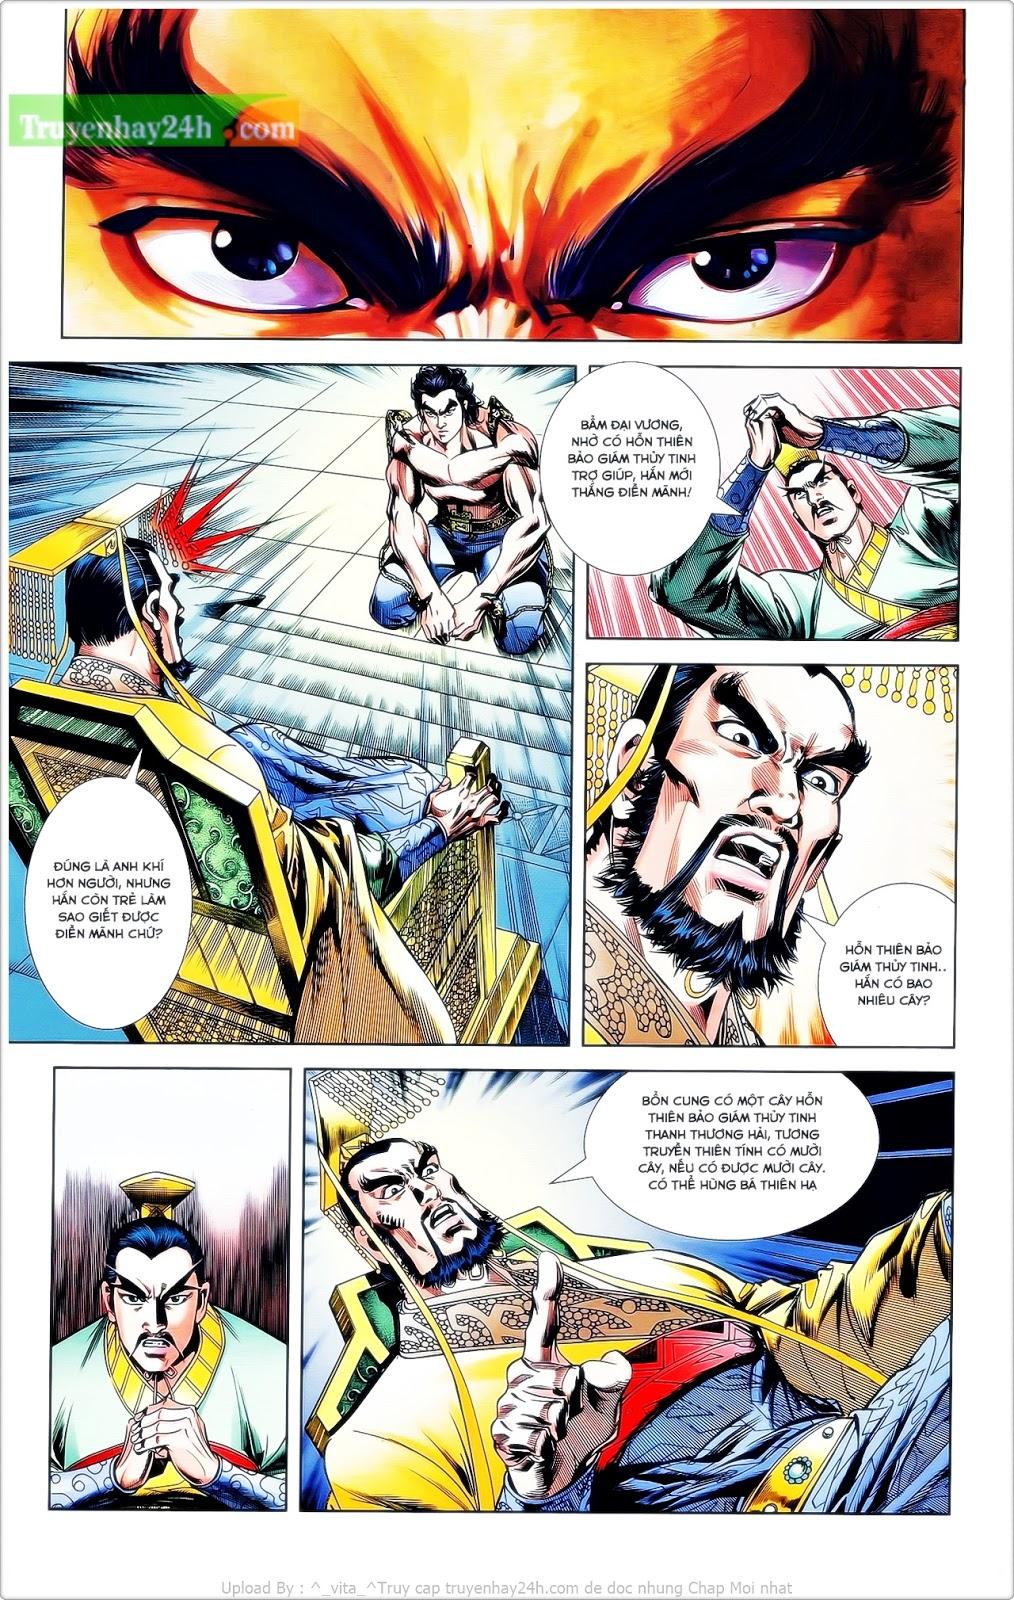 Tần Vương Doanh Chính chapter 24 trang 10